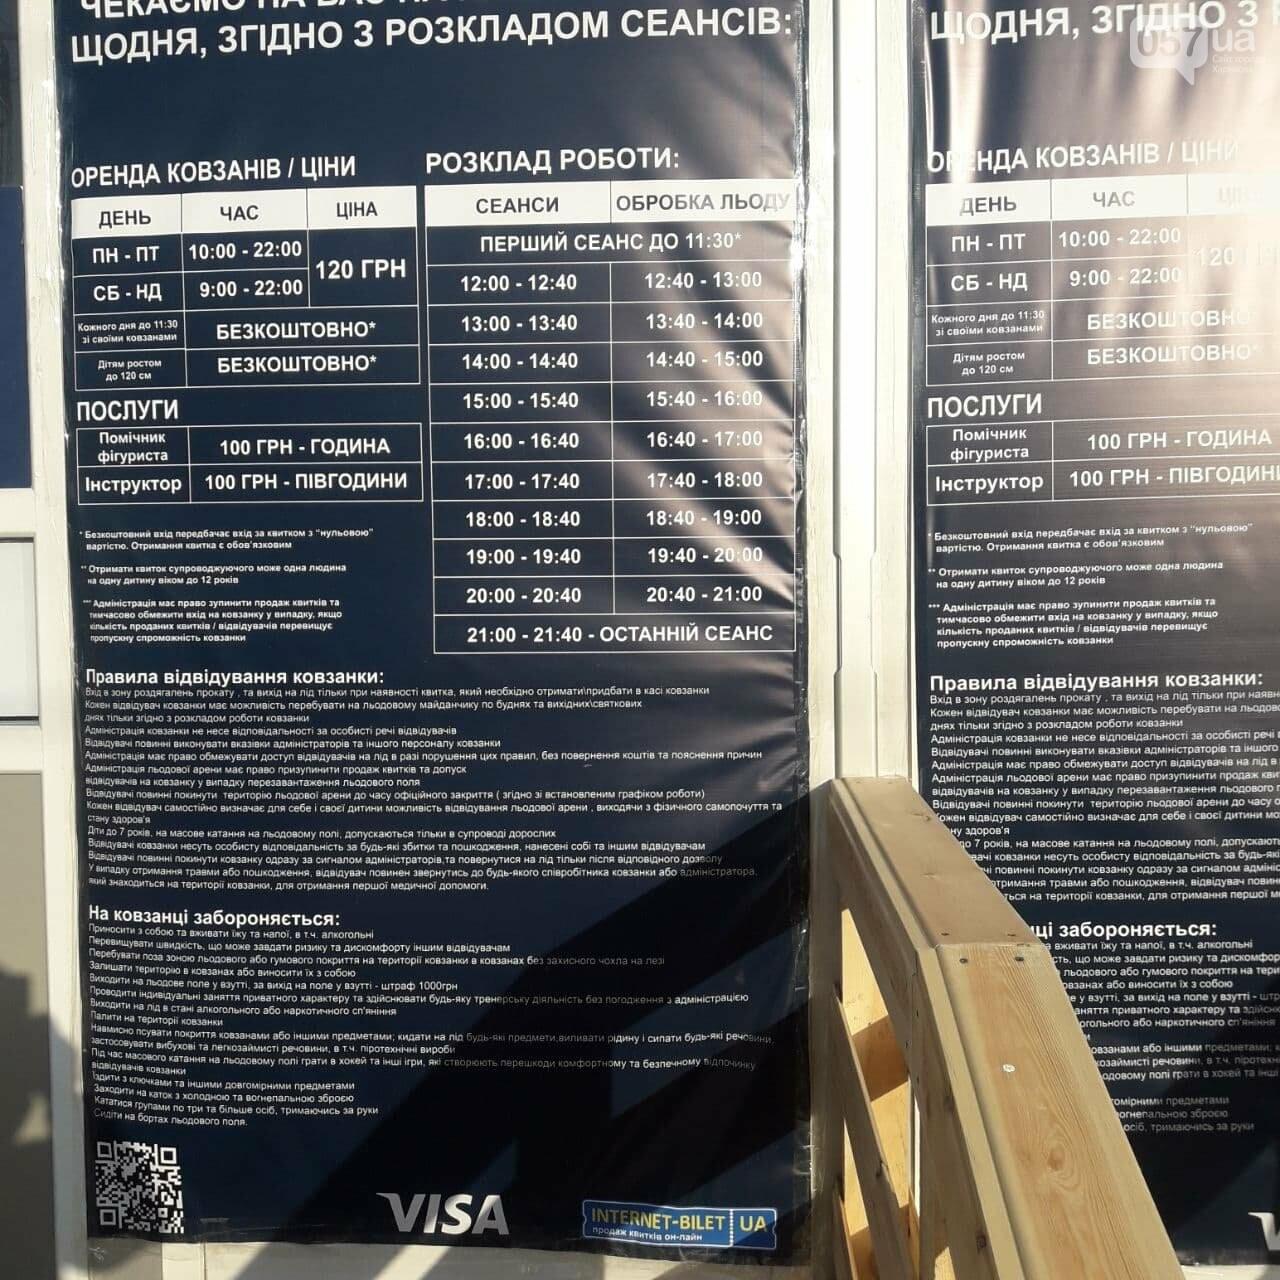 В Харькове на центральной площади открылся каток: цены, услуги и время работы, - ФОТО, фото-10